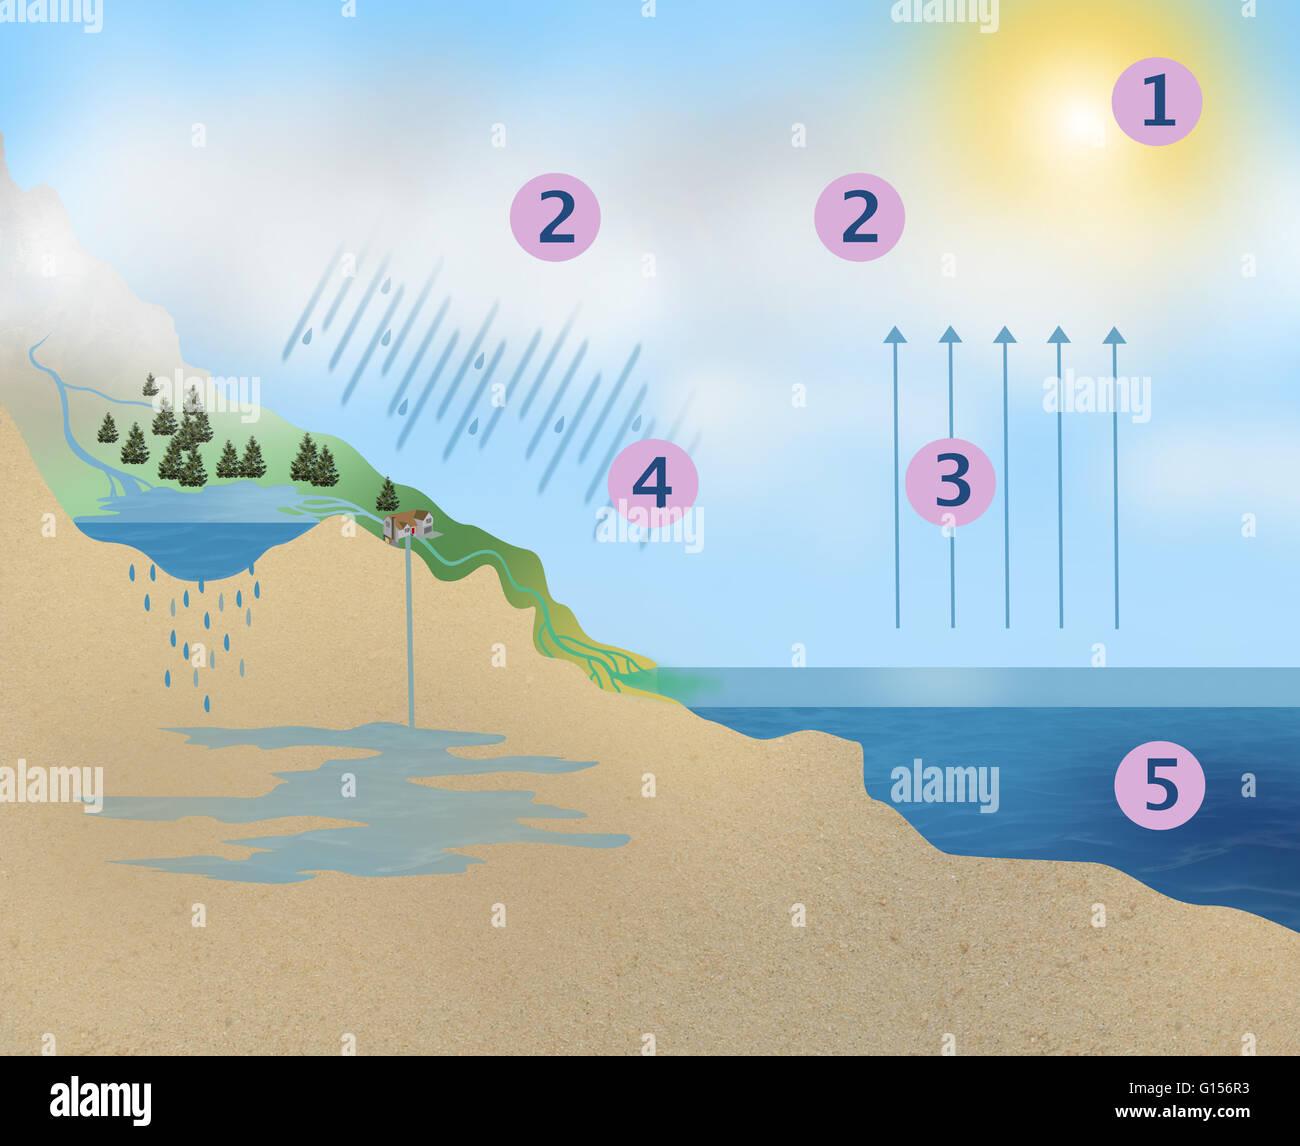 hight resolution of ilustraci n del ciclo hidrol gico de la tierra en 5 pasos 1 la condensaci n de